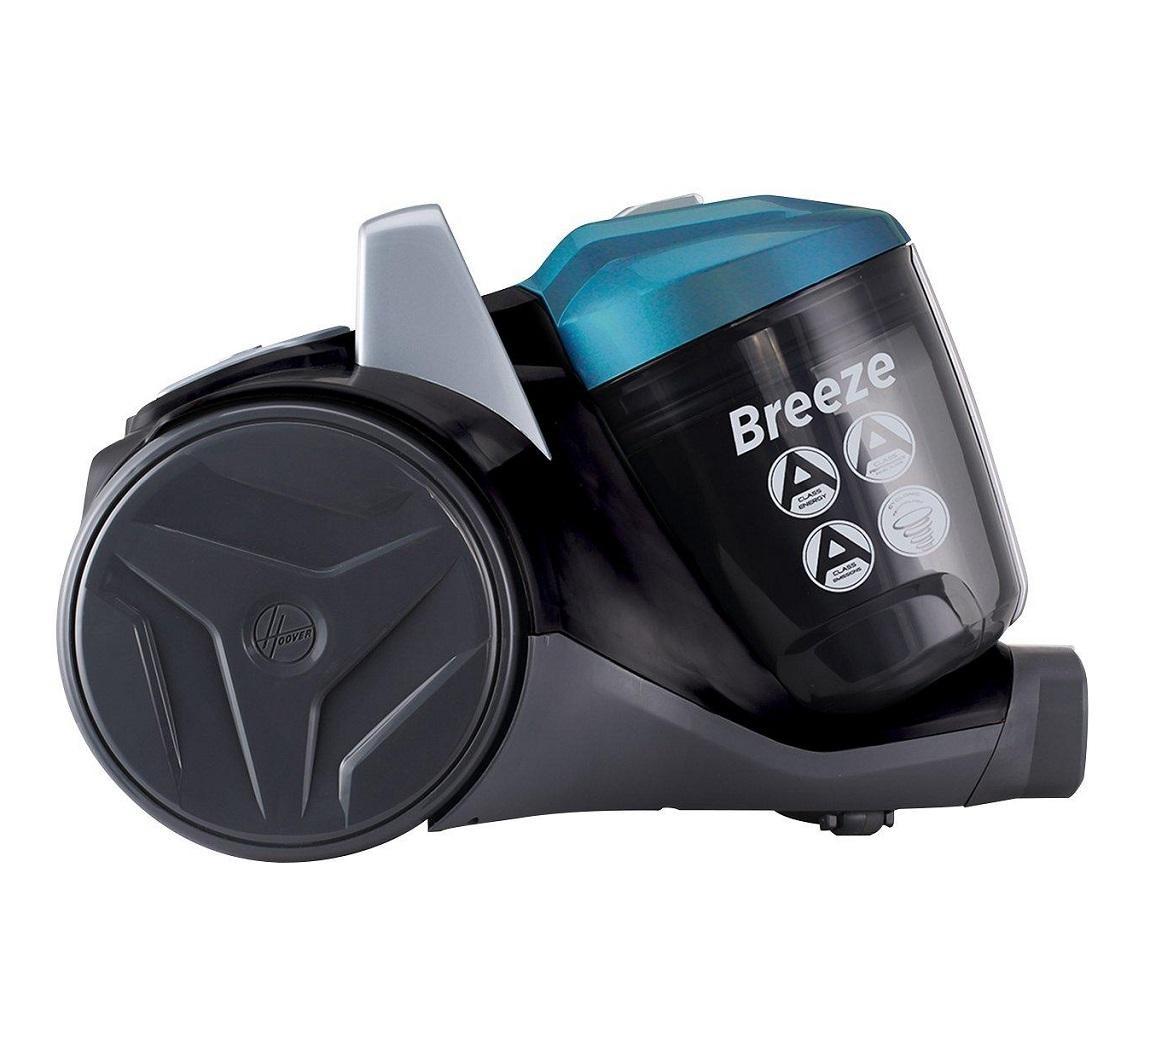 hoover-BR71%20BR01001-vacuum.jpg